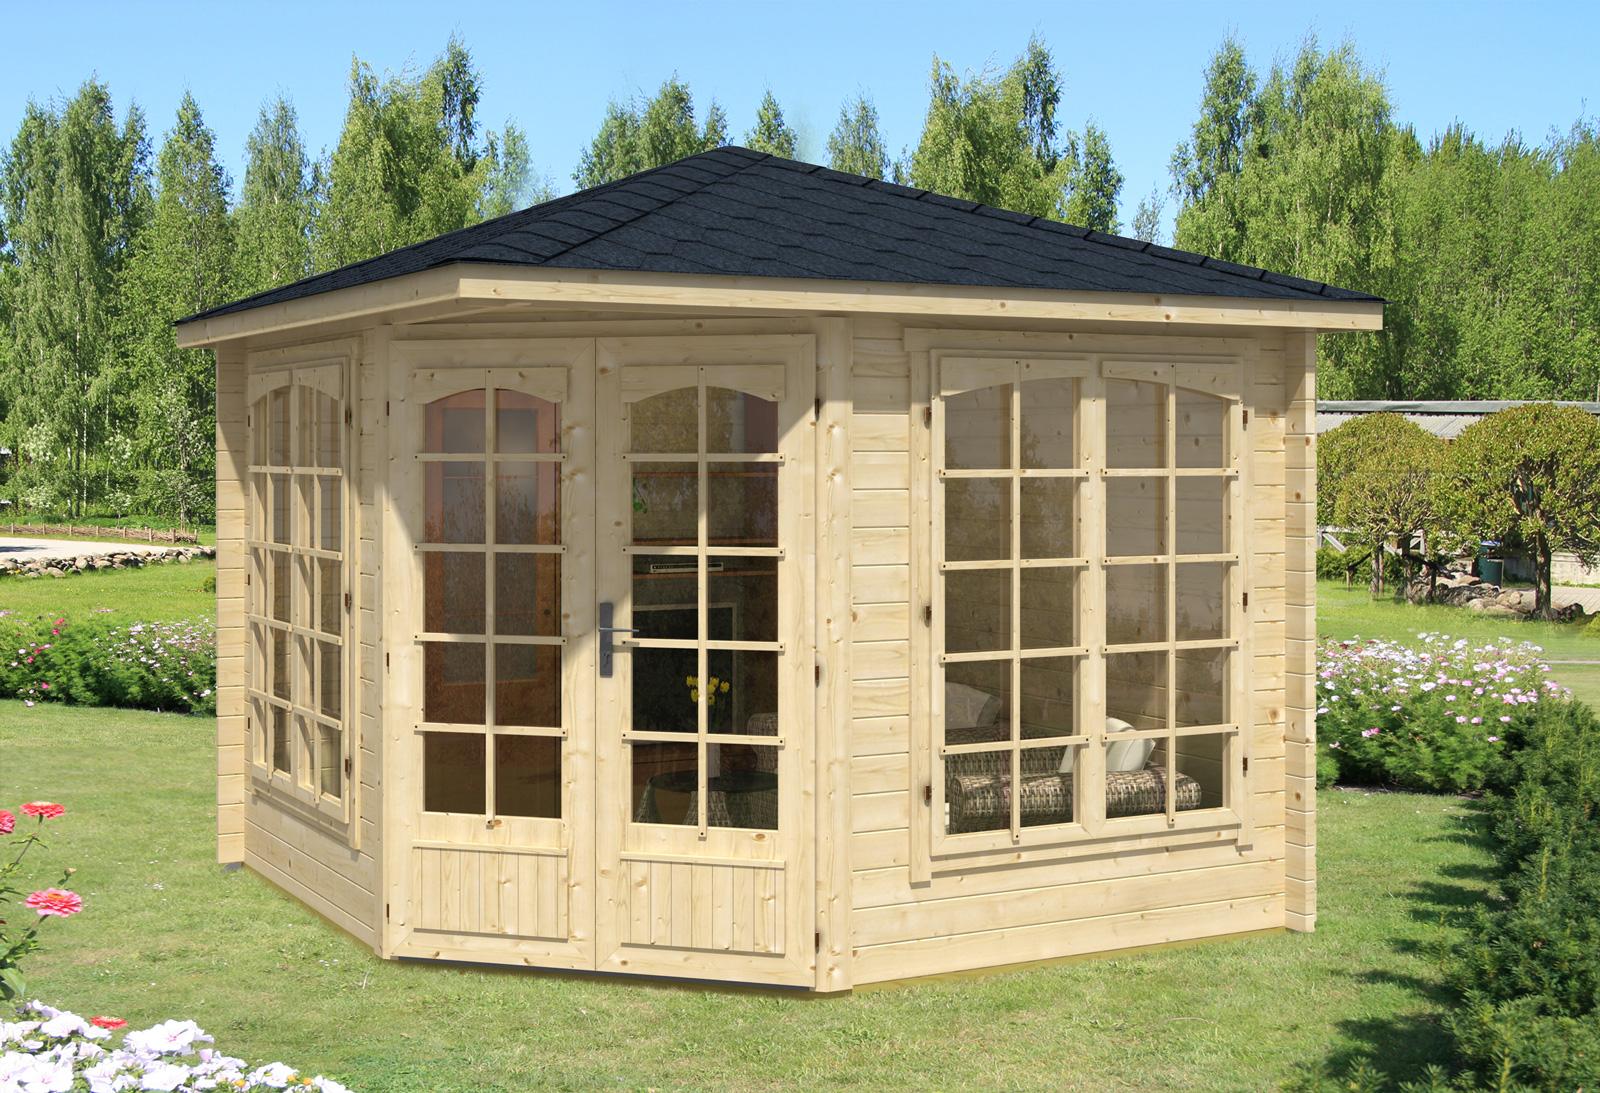 5 eck gartenhaus modell josephine 40 a - Gartenhaus aus aluminium ...